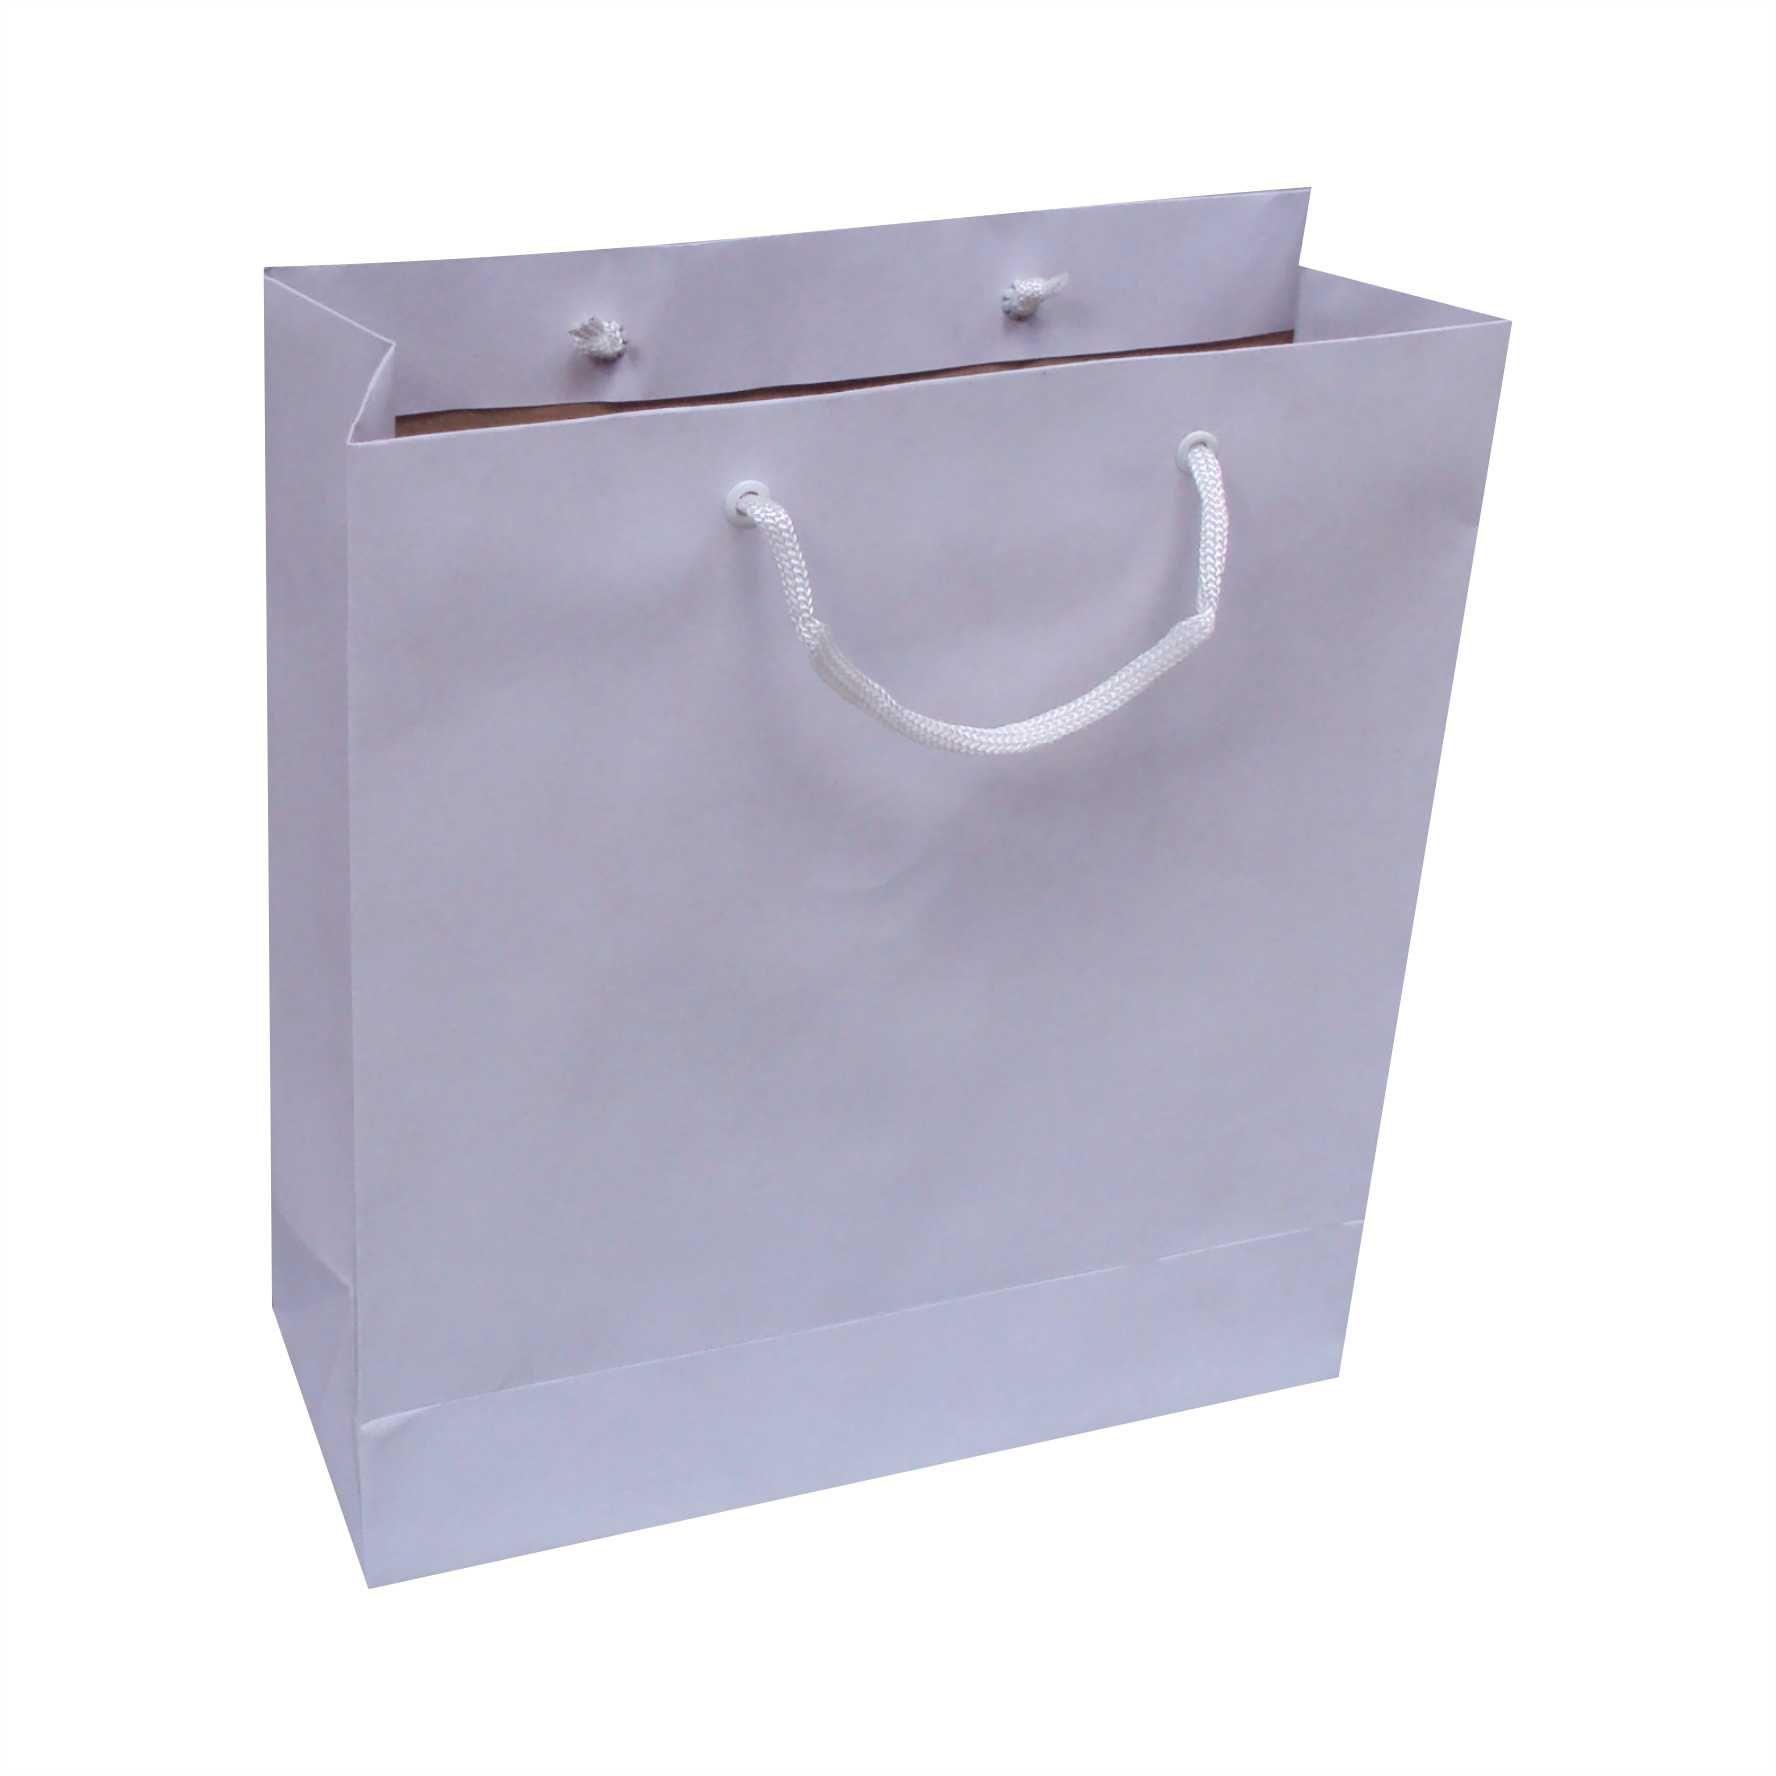 Sacola de papel kraft cor branca tamanho m - (25x28x10 cm) - 10 unidades